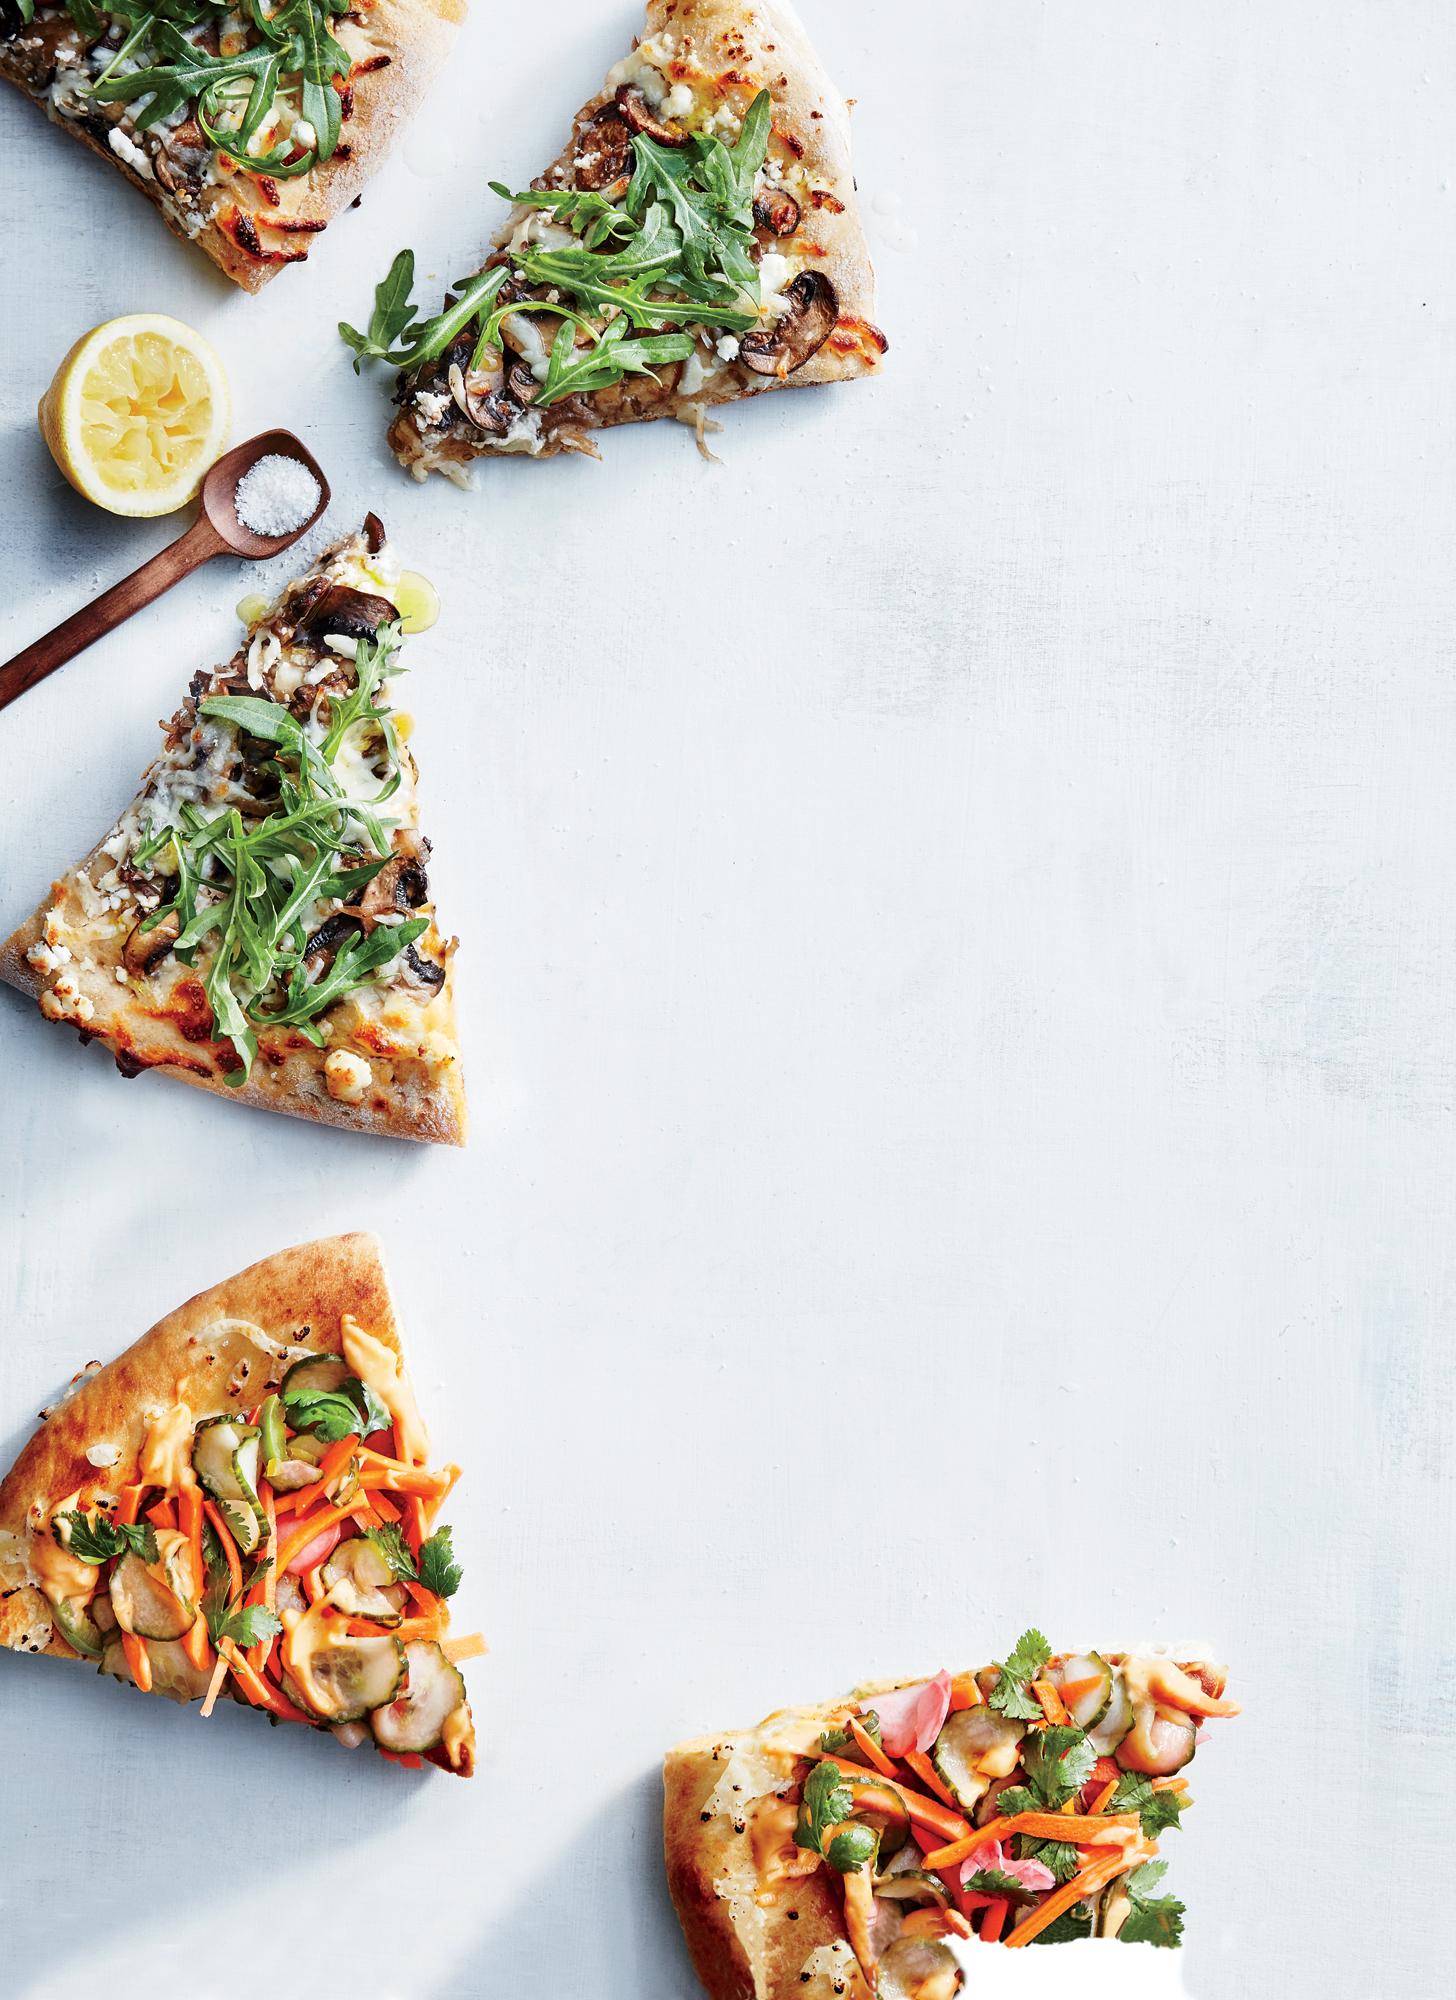 Mushroom and Arugula Pizza